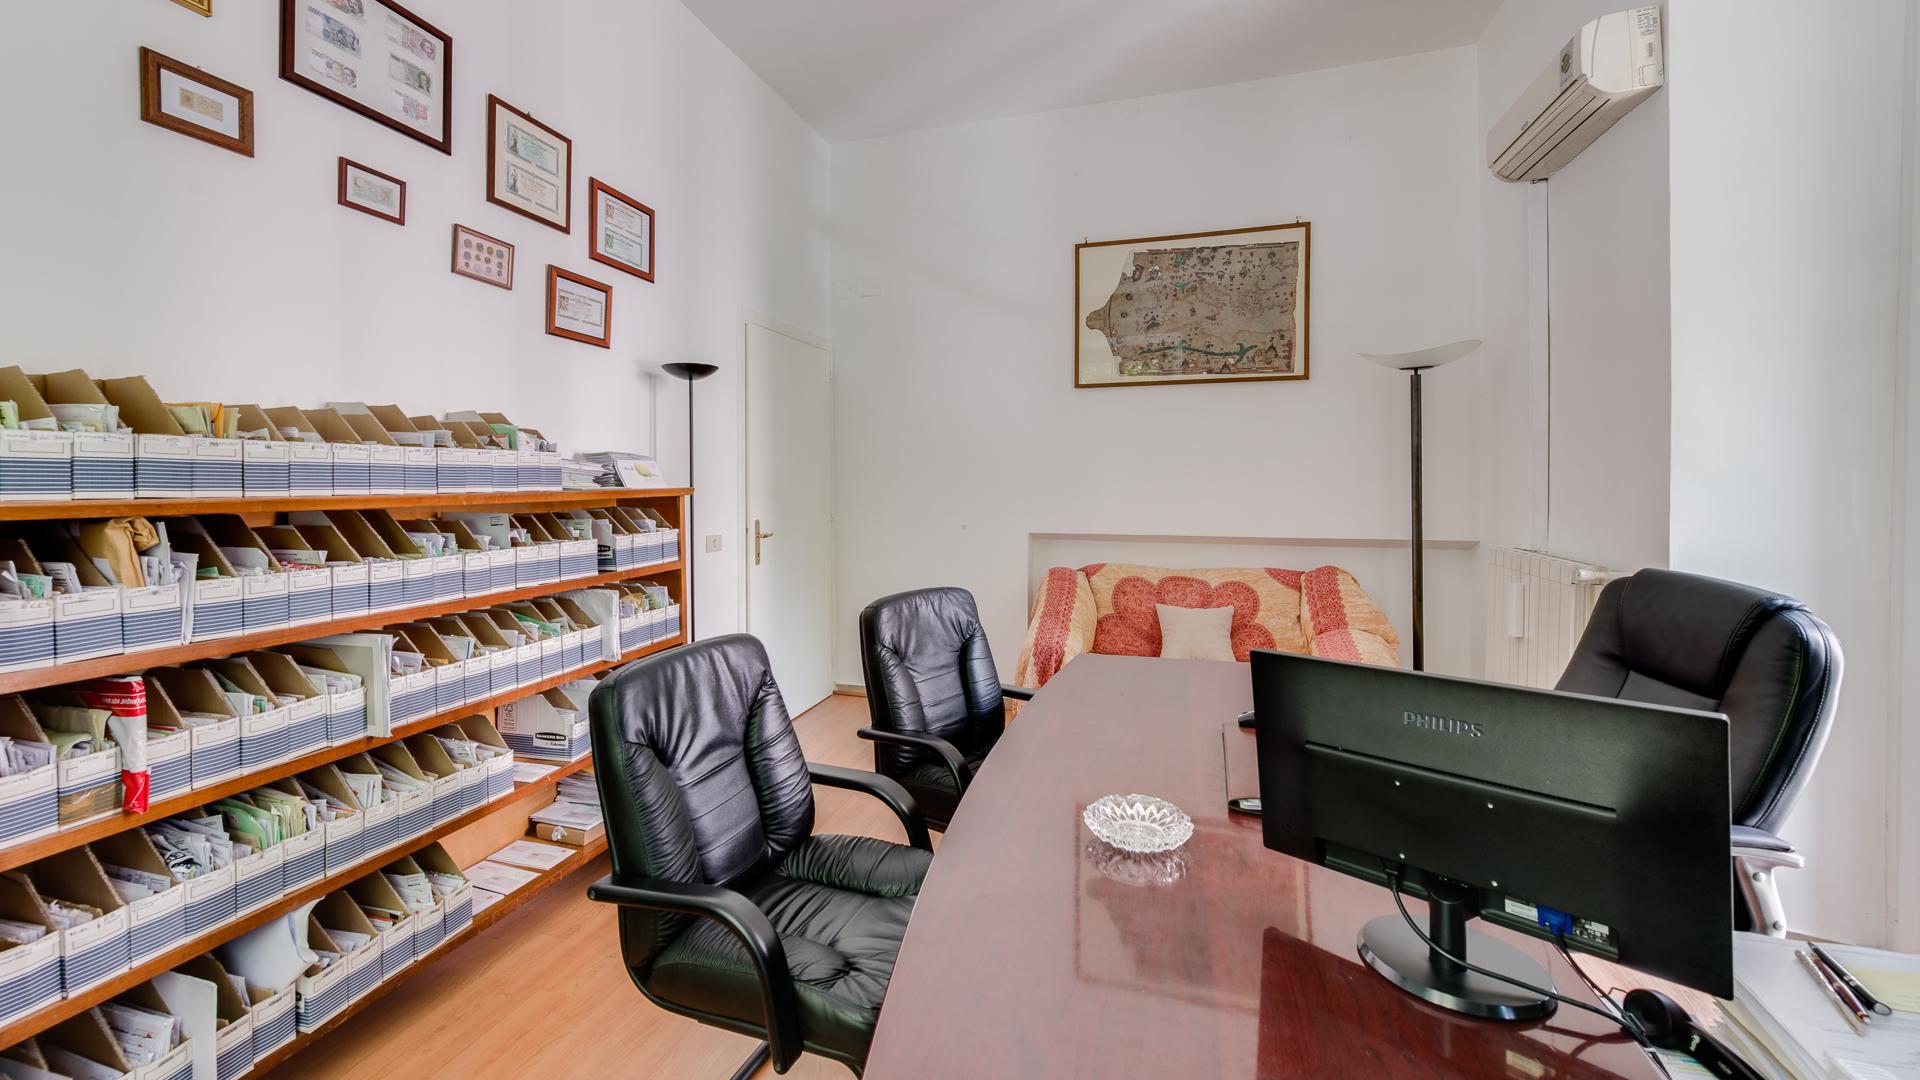 Studio Salvati - Commercialista Roma